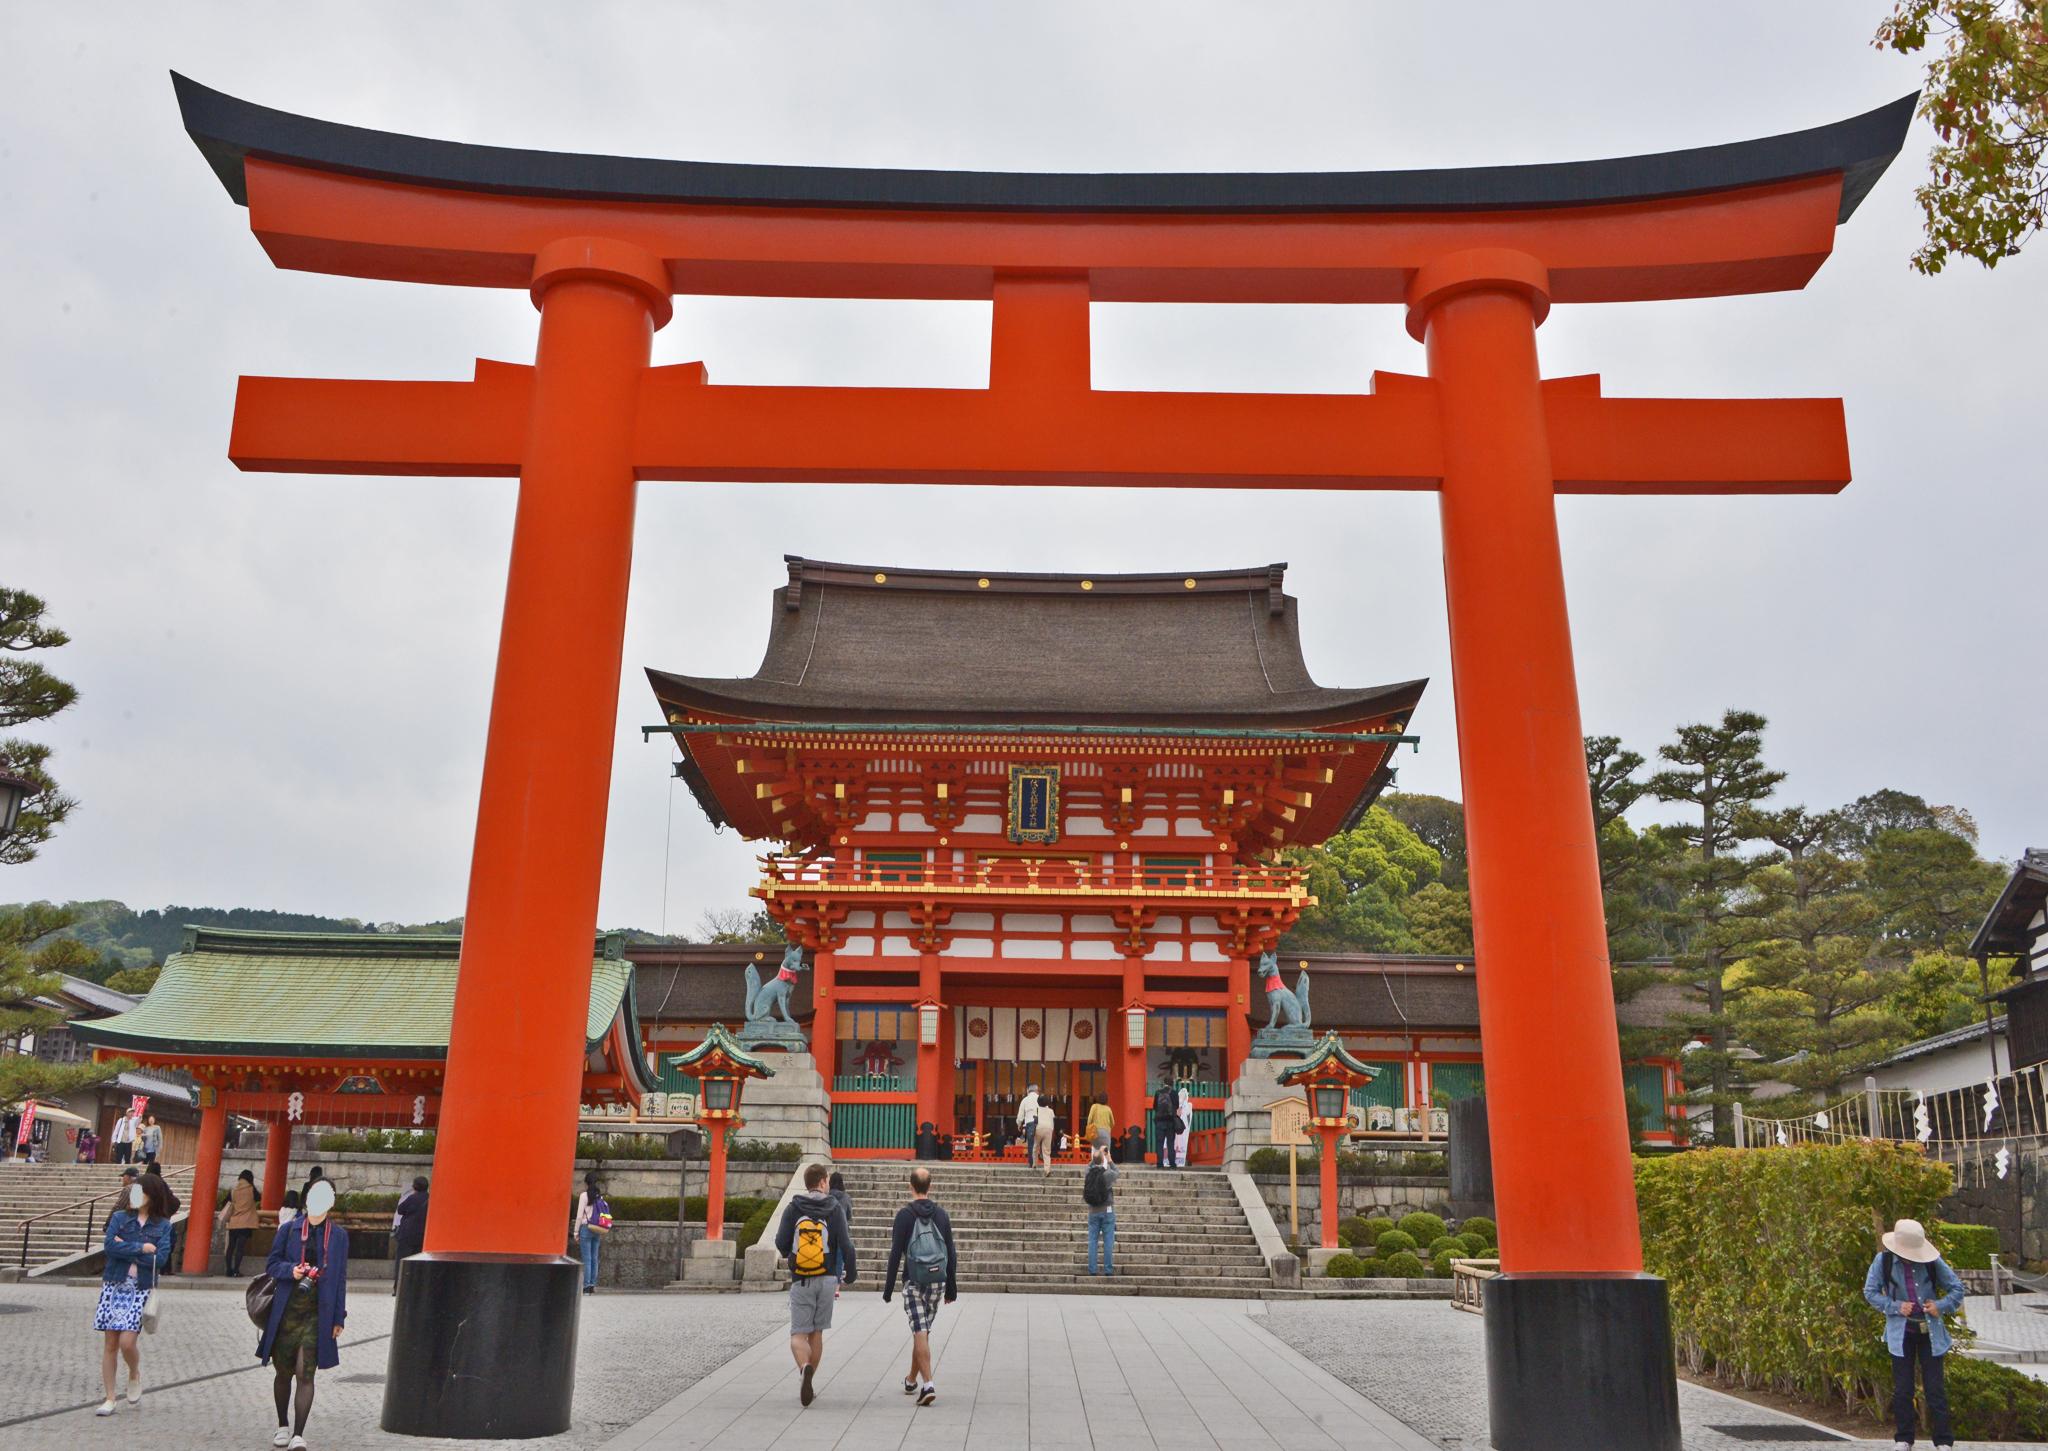 ⇑ 伏見稲荷神社 今一番の人気スポット 特に中国系は赤と金色が好きのようだ